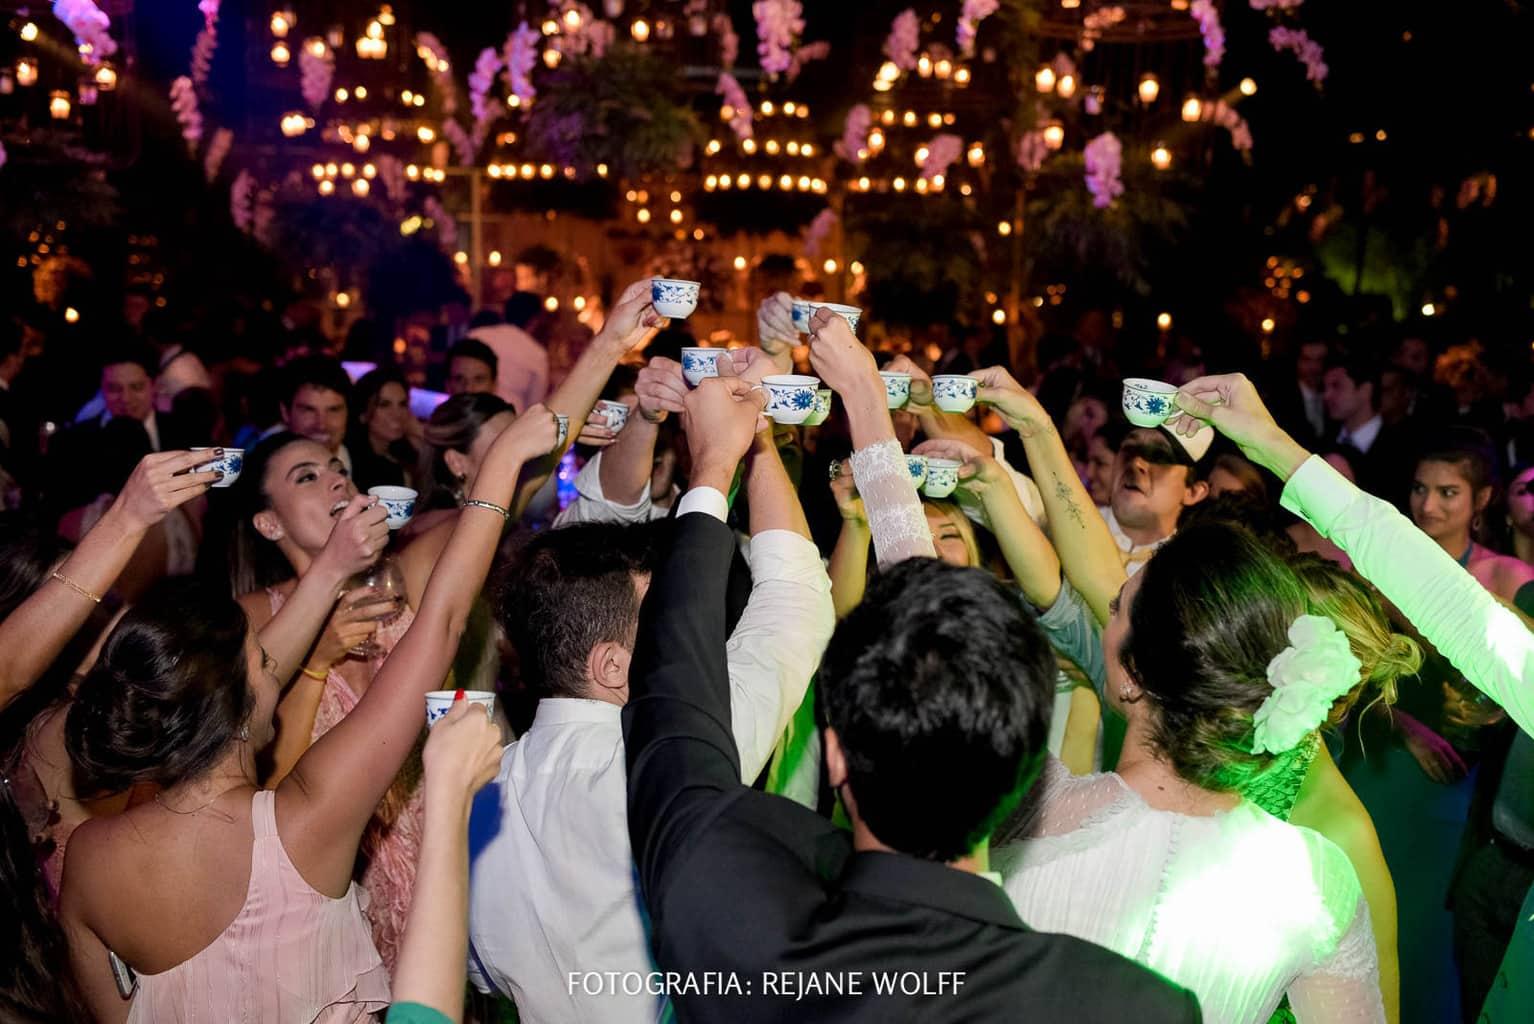 Casamento-Verane-e-Bruno-fotografia-Rejane-Wolff-hora-do-buque-Rej-Terras-de-Clara12